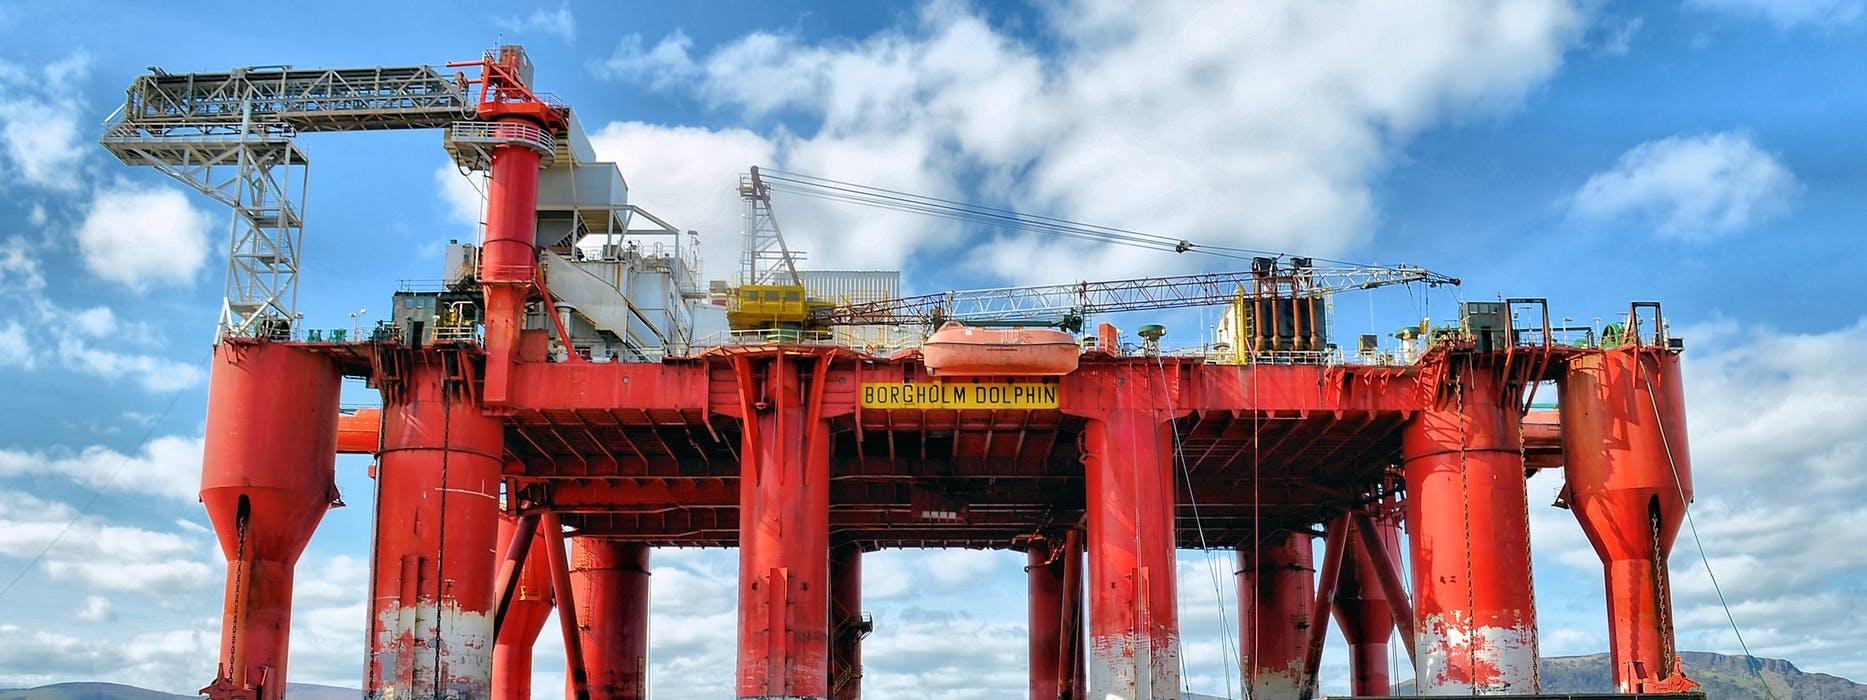 成品油价迎四年来最大降幅,油价还会继续下跌吗?